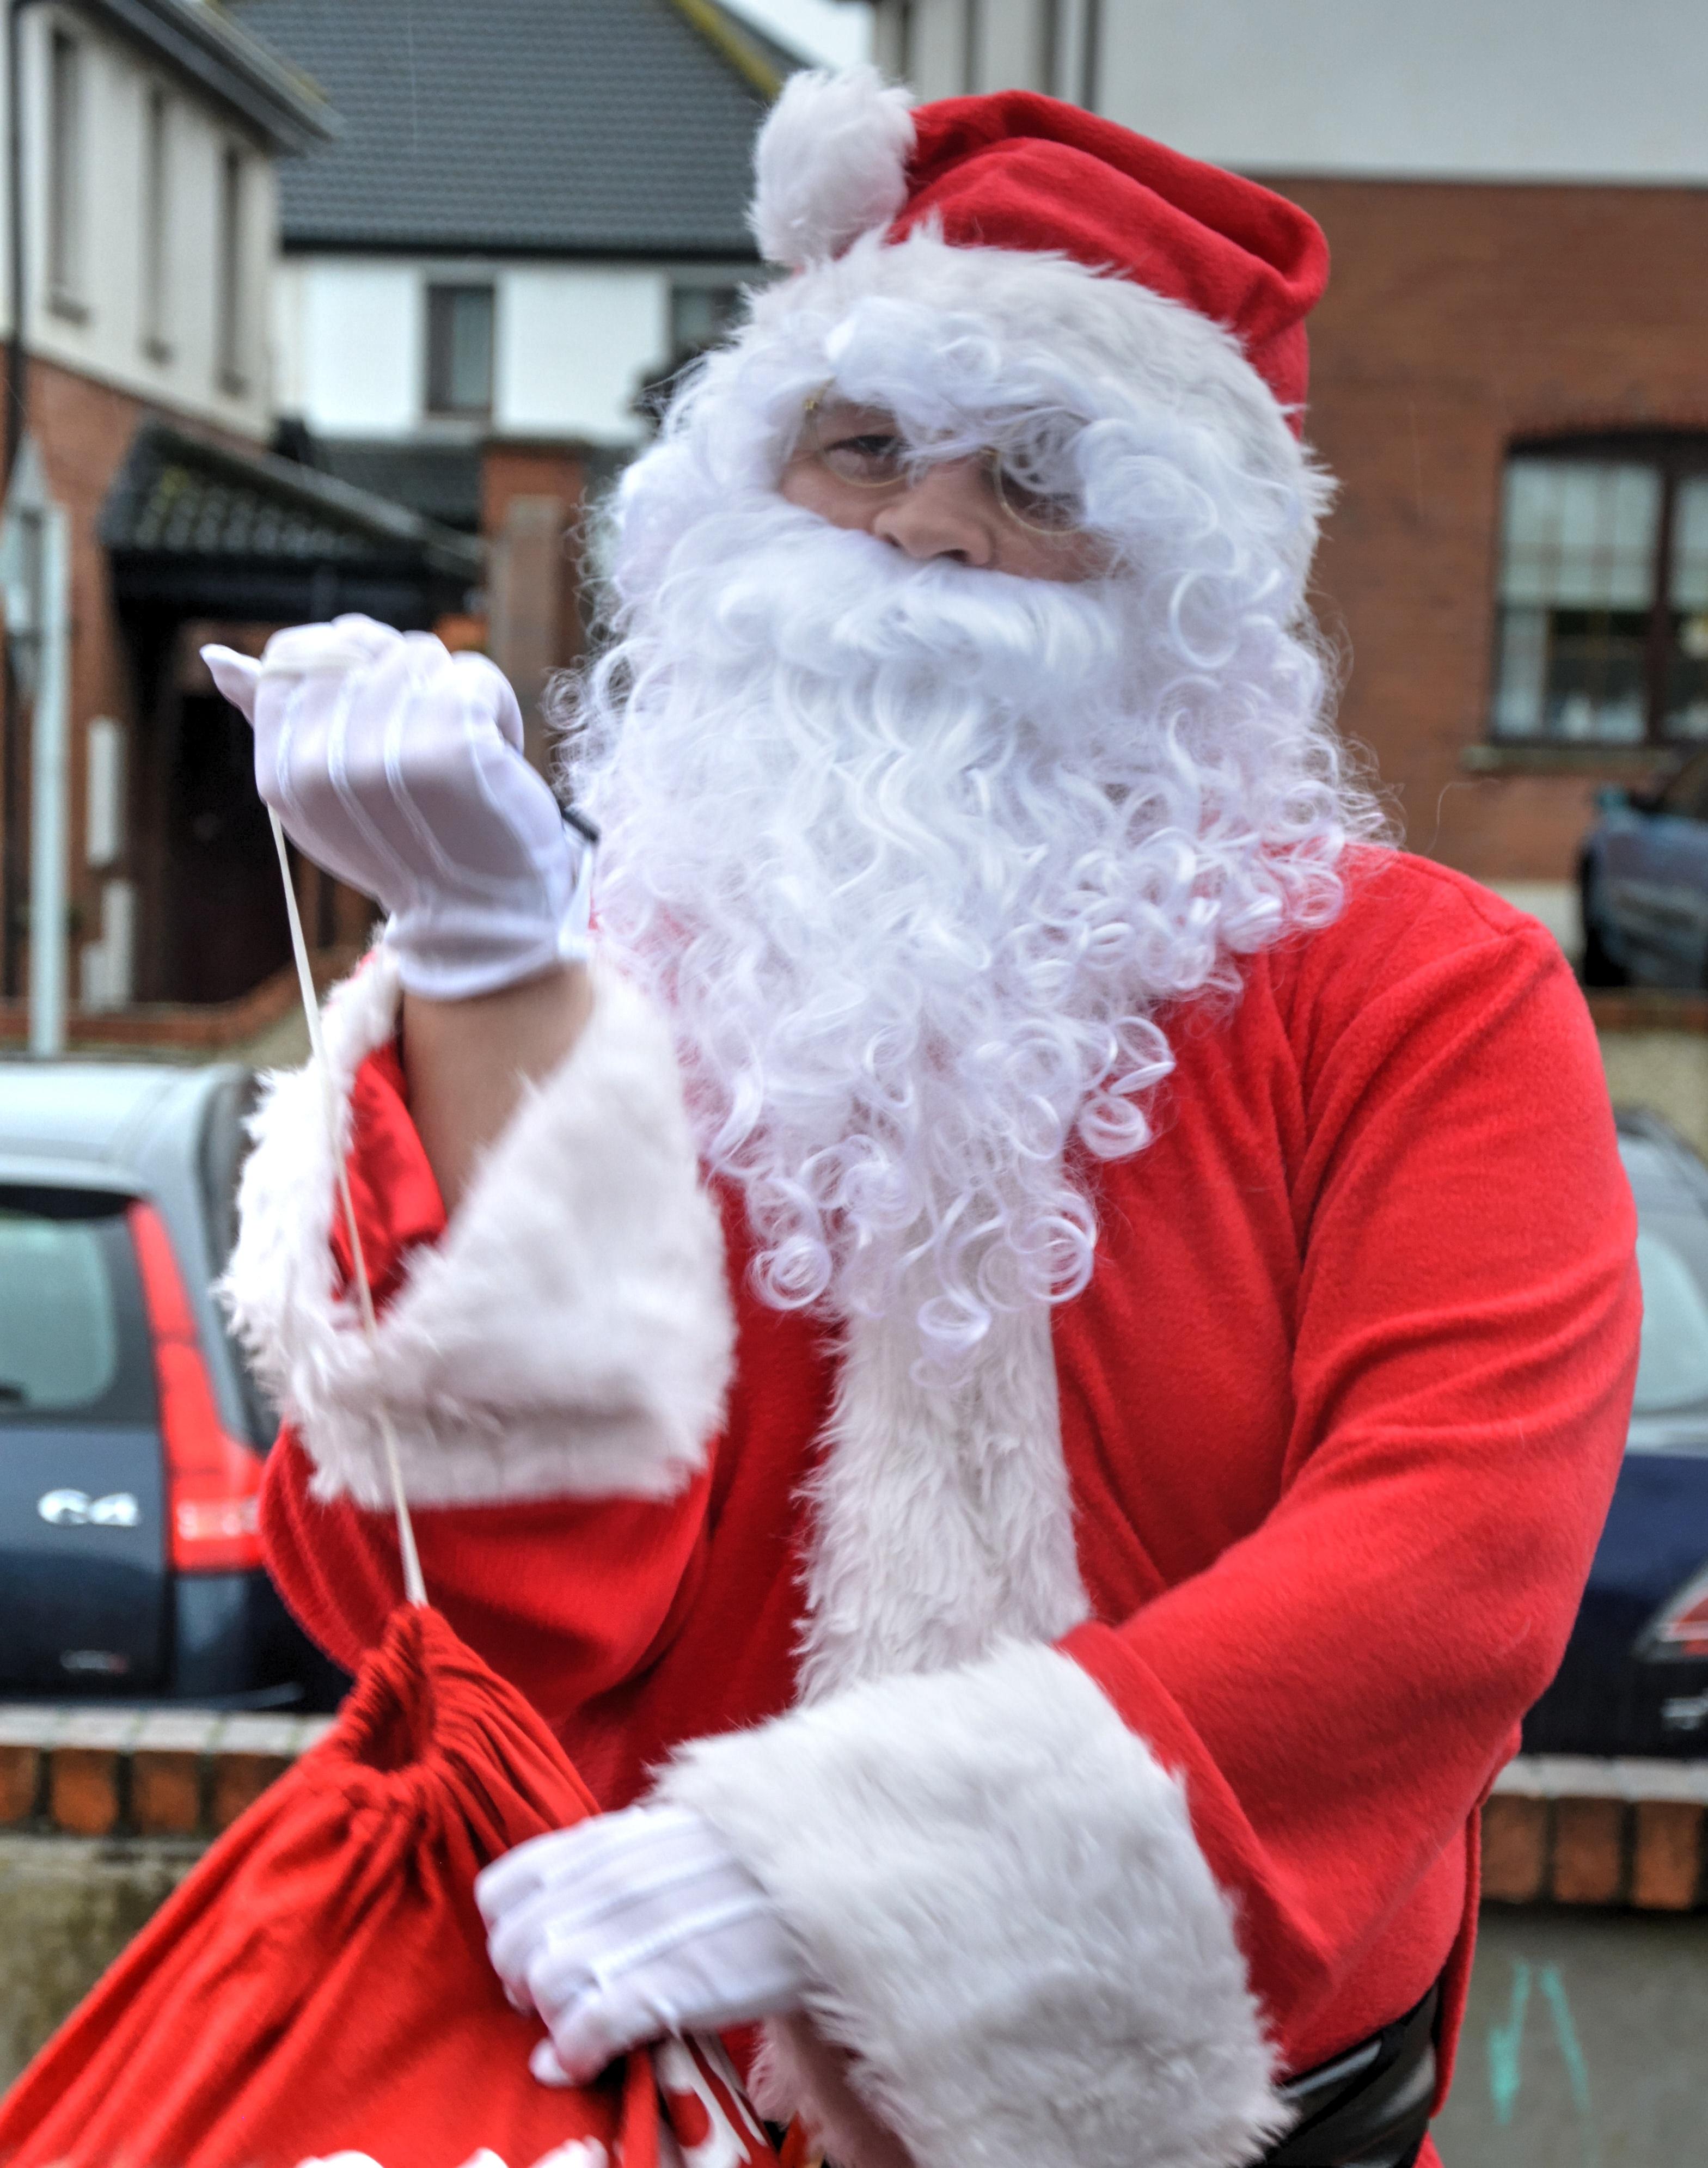 free images christmas red jacket santa claus presents santa